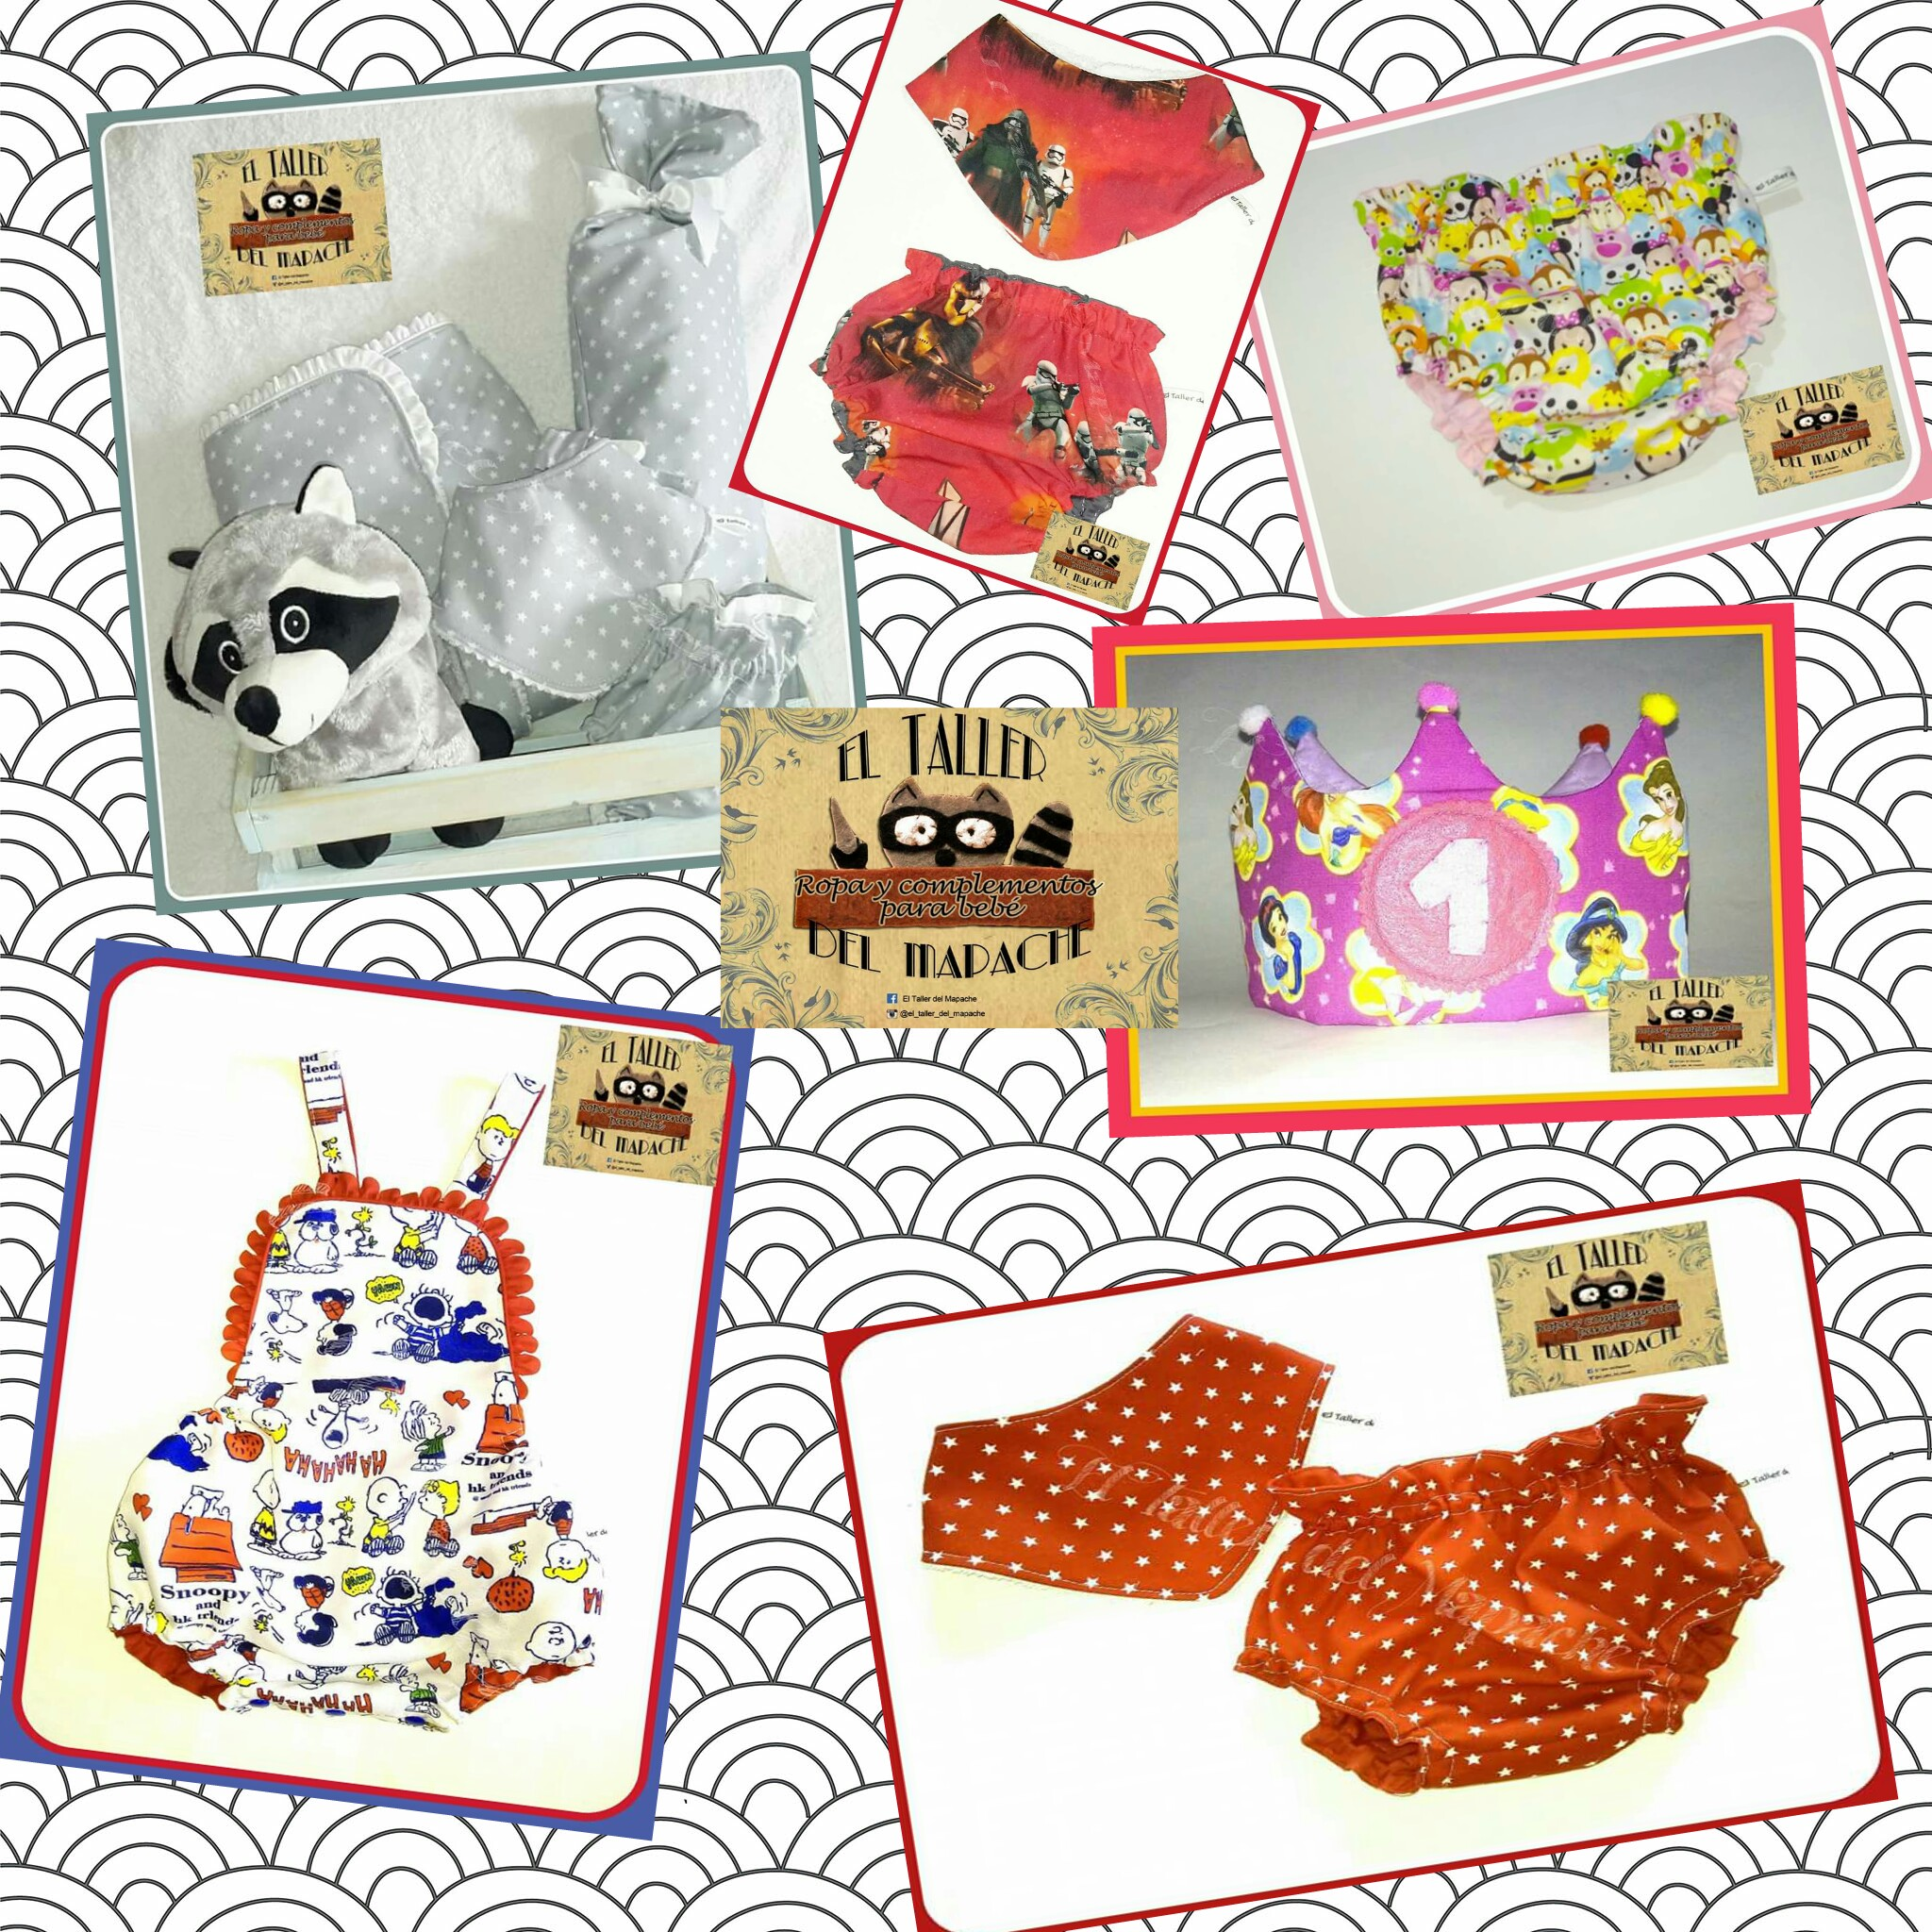 productos-el-taller-del-mapache